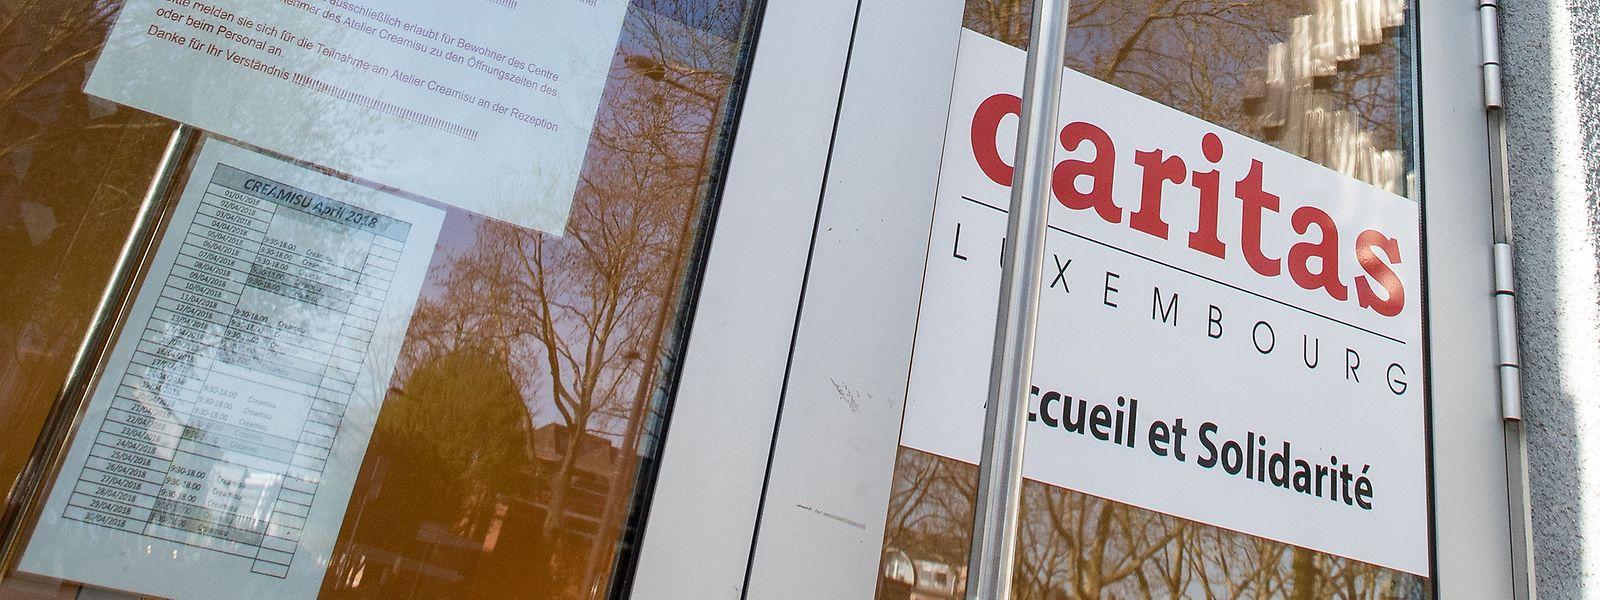 Le service d'aide psychologique de Caritas Accueil et Solidarité fait face à une explosion des demandes de soutien ces dernières semaines